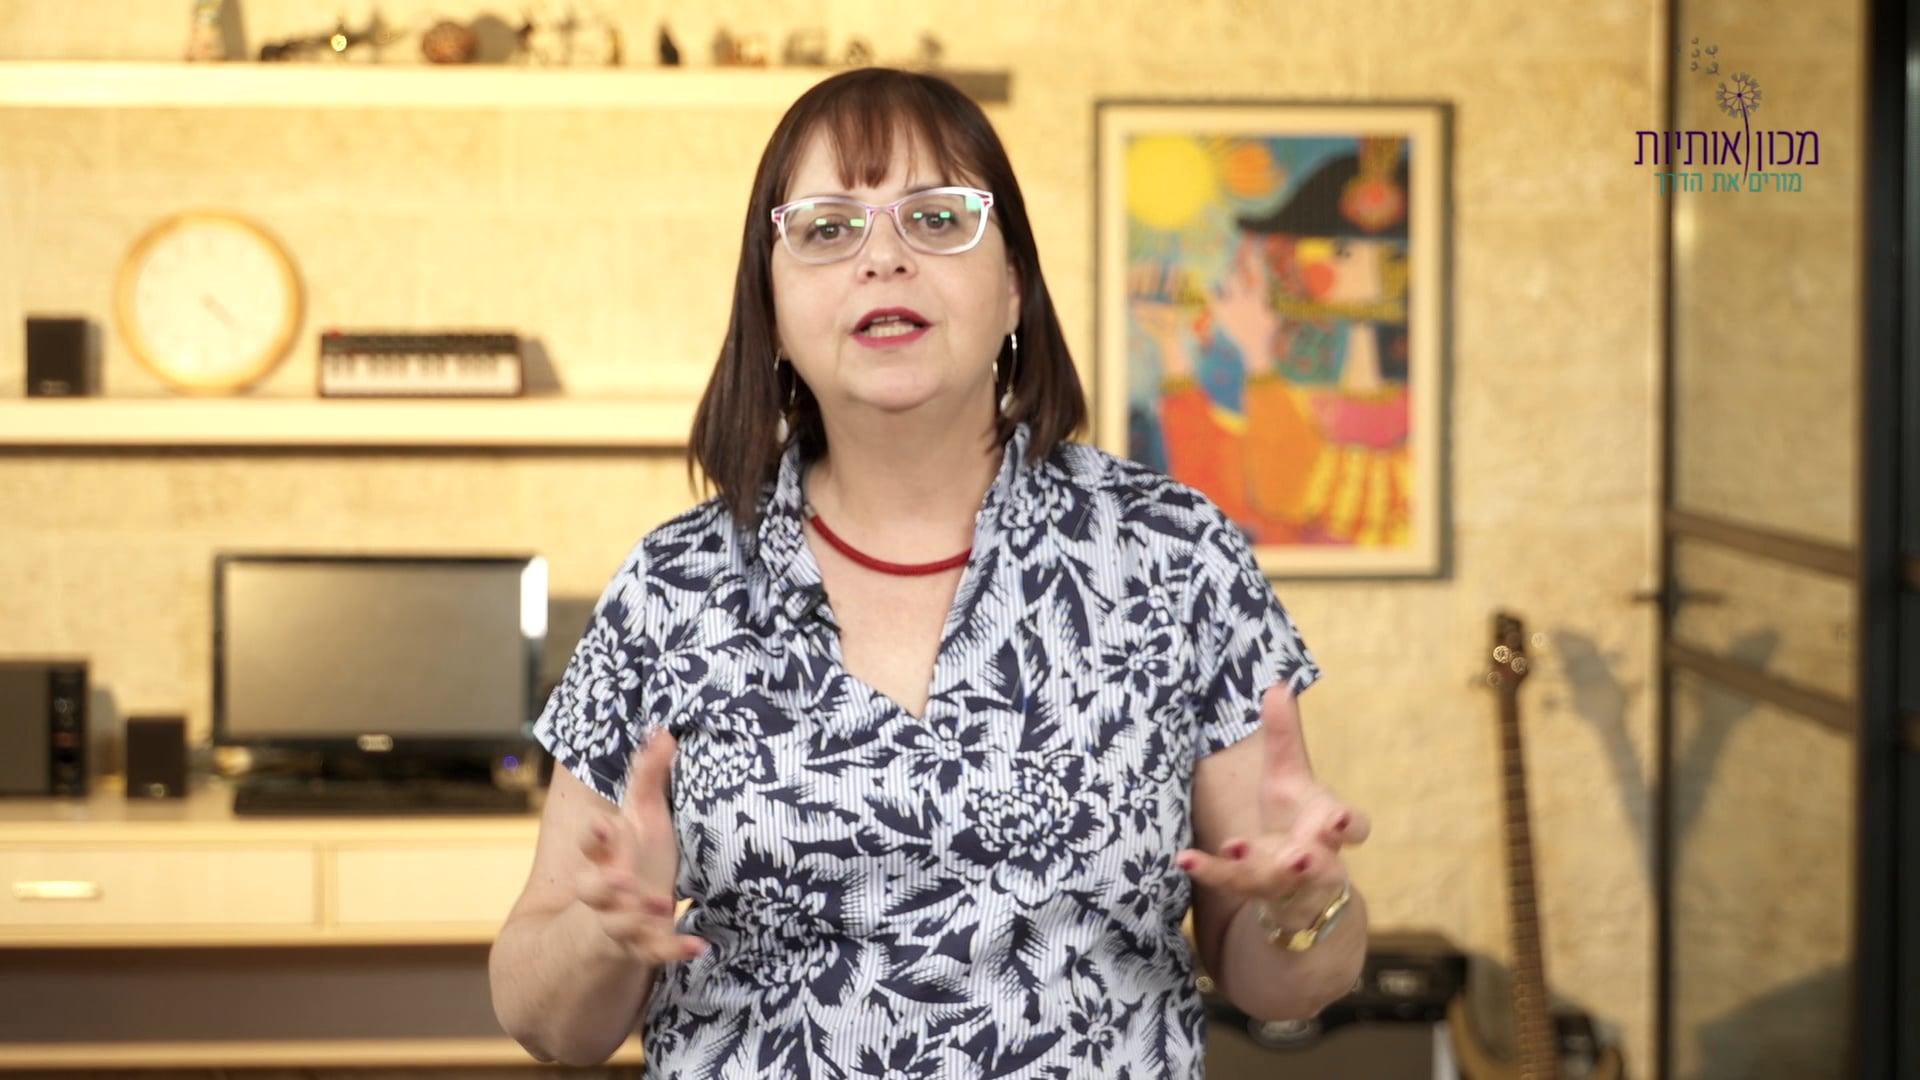 סרטון מכירה לקורס דיגיטלי אסטרטגיות למידה עם זהבה קלנר